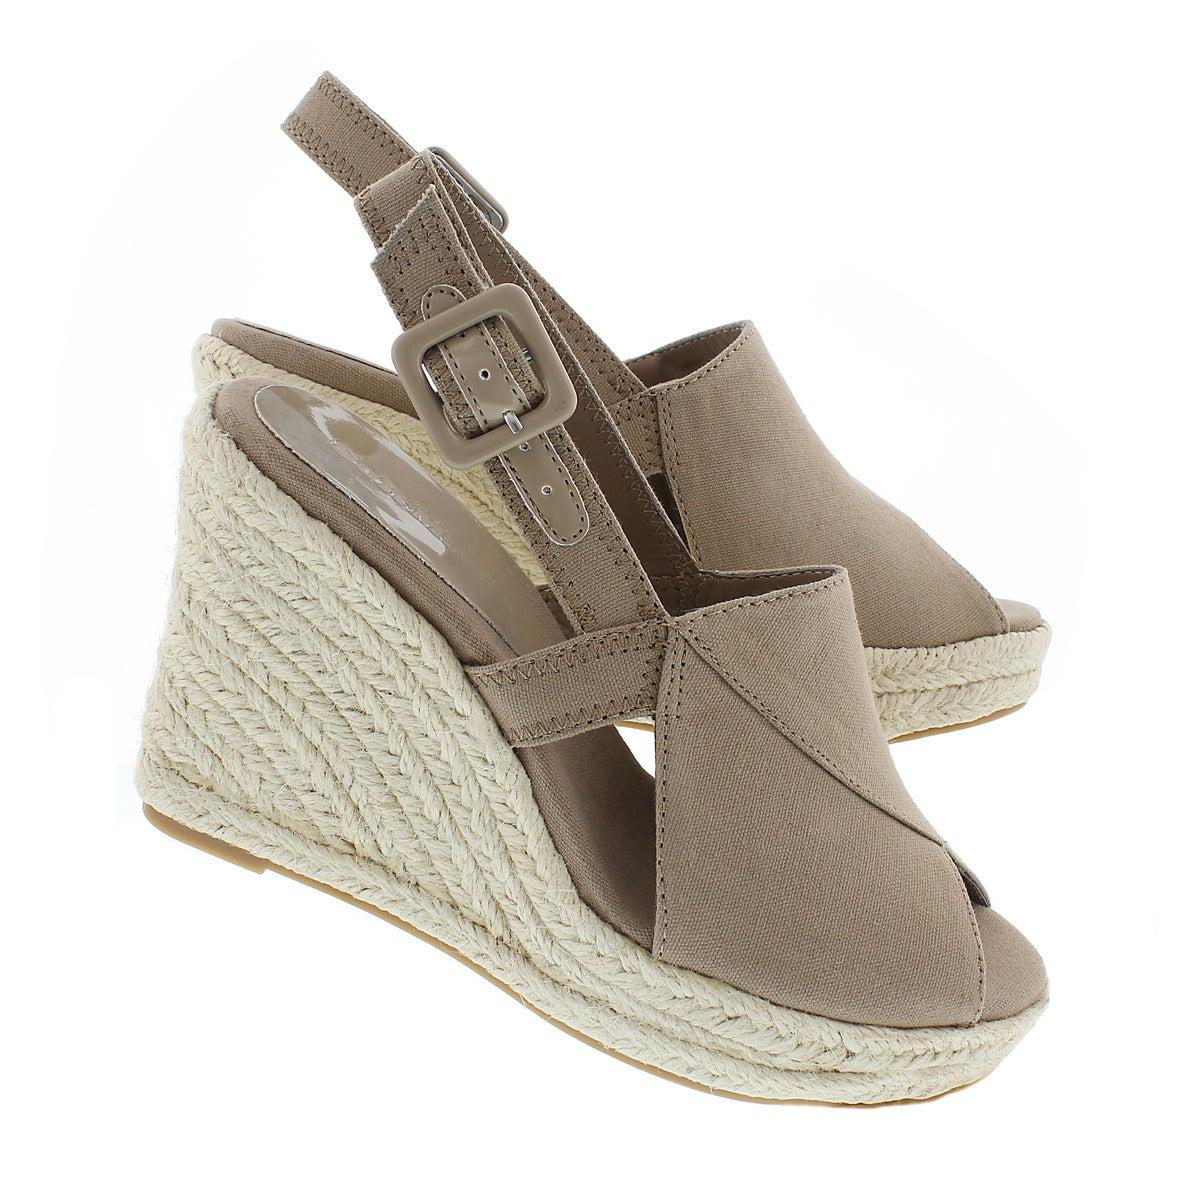 Sandale comp beige ENYA, fem